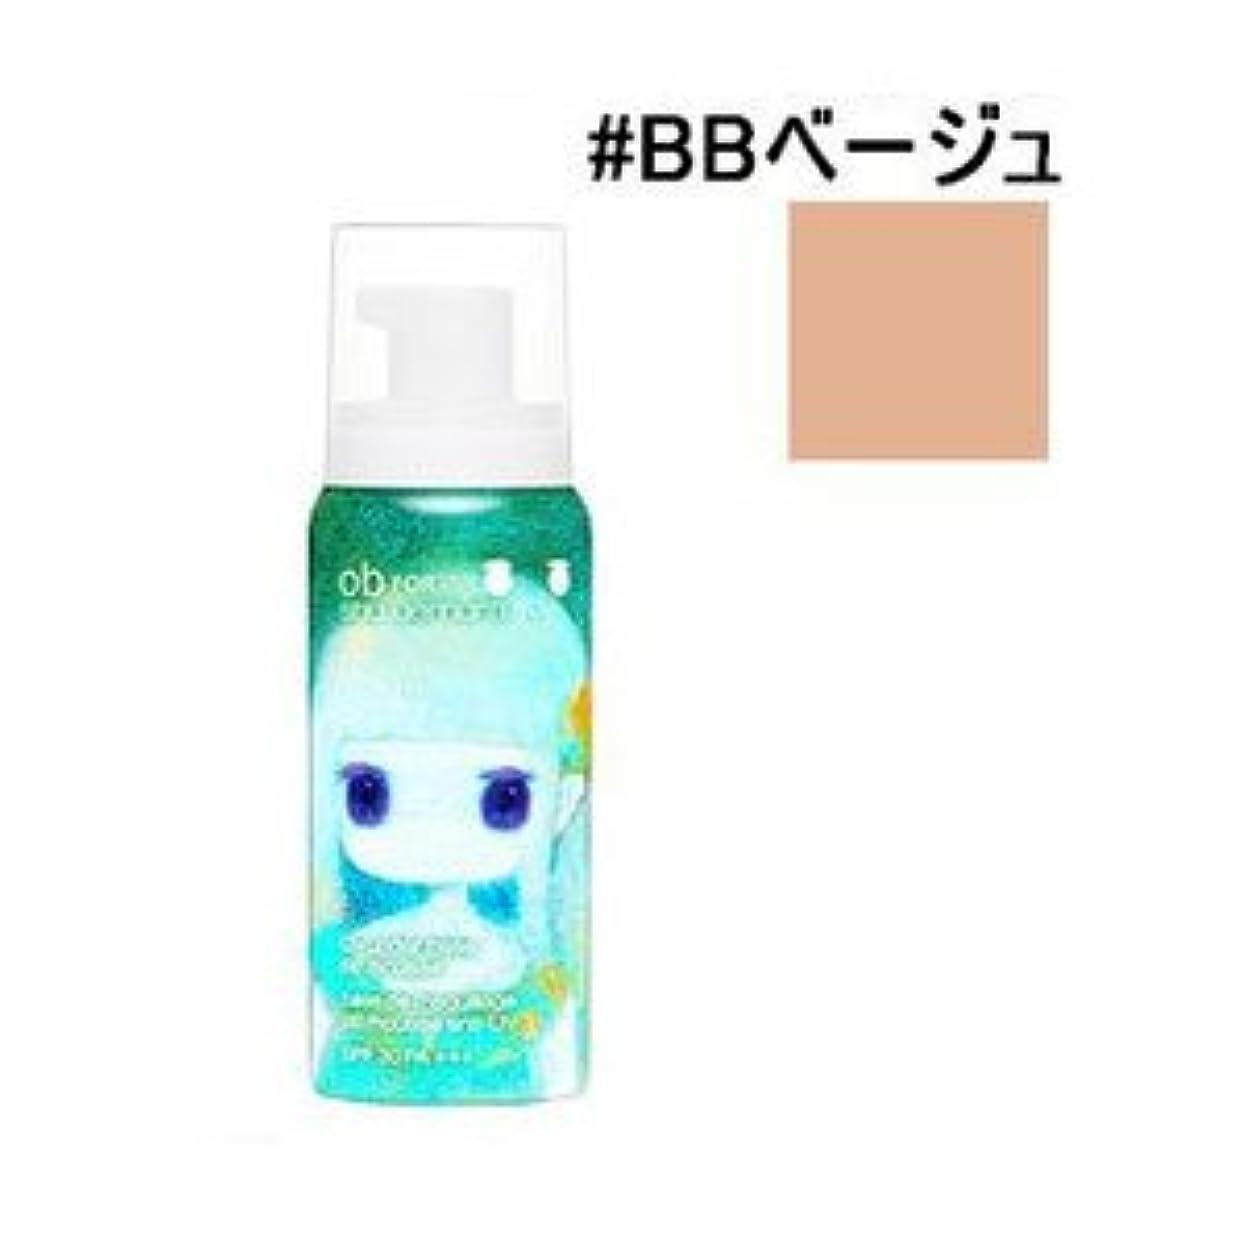 解明する強風キウイshu uemura シュウ ウエムラ<br>UV アンダー ベース ムース #BB beige<br>SPF 30 ? PA+++<br>65g [並行輸入品]